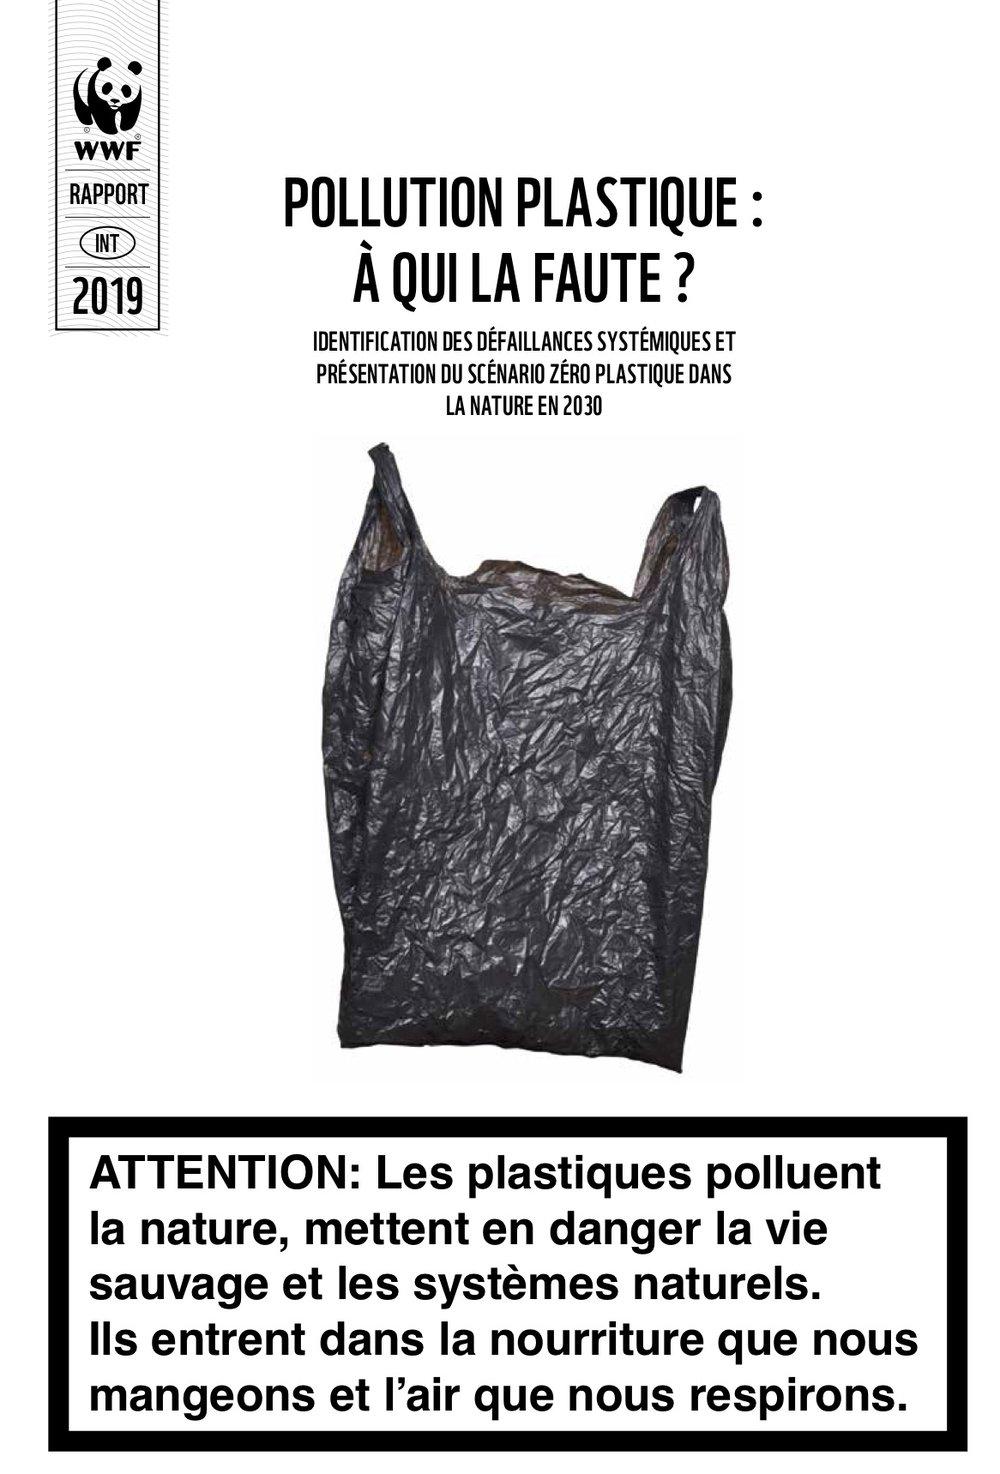 rapport WWF.jpg